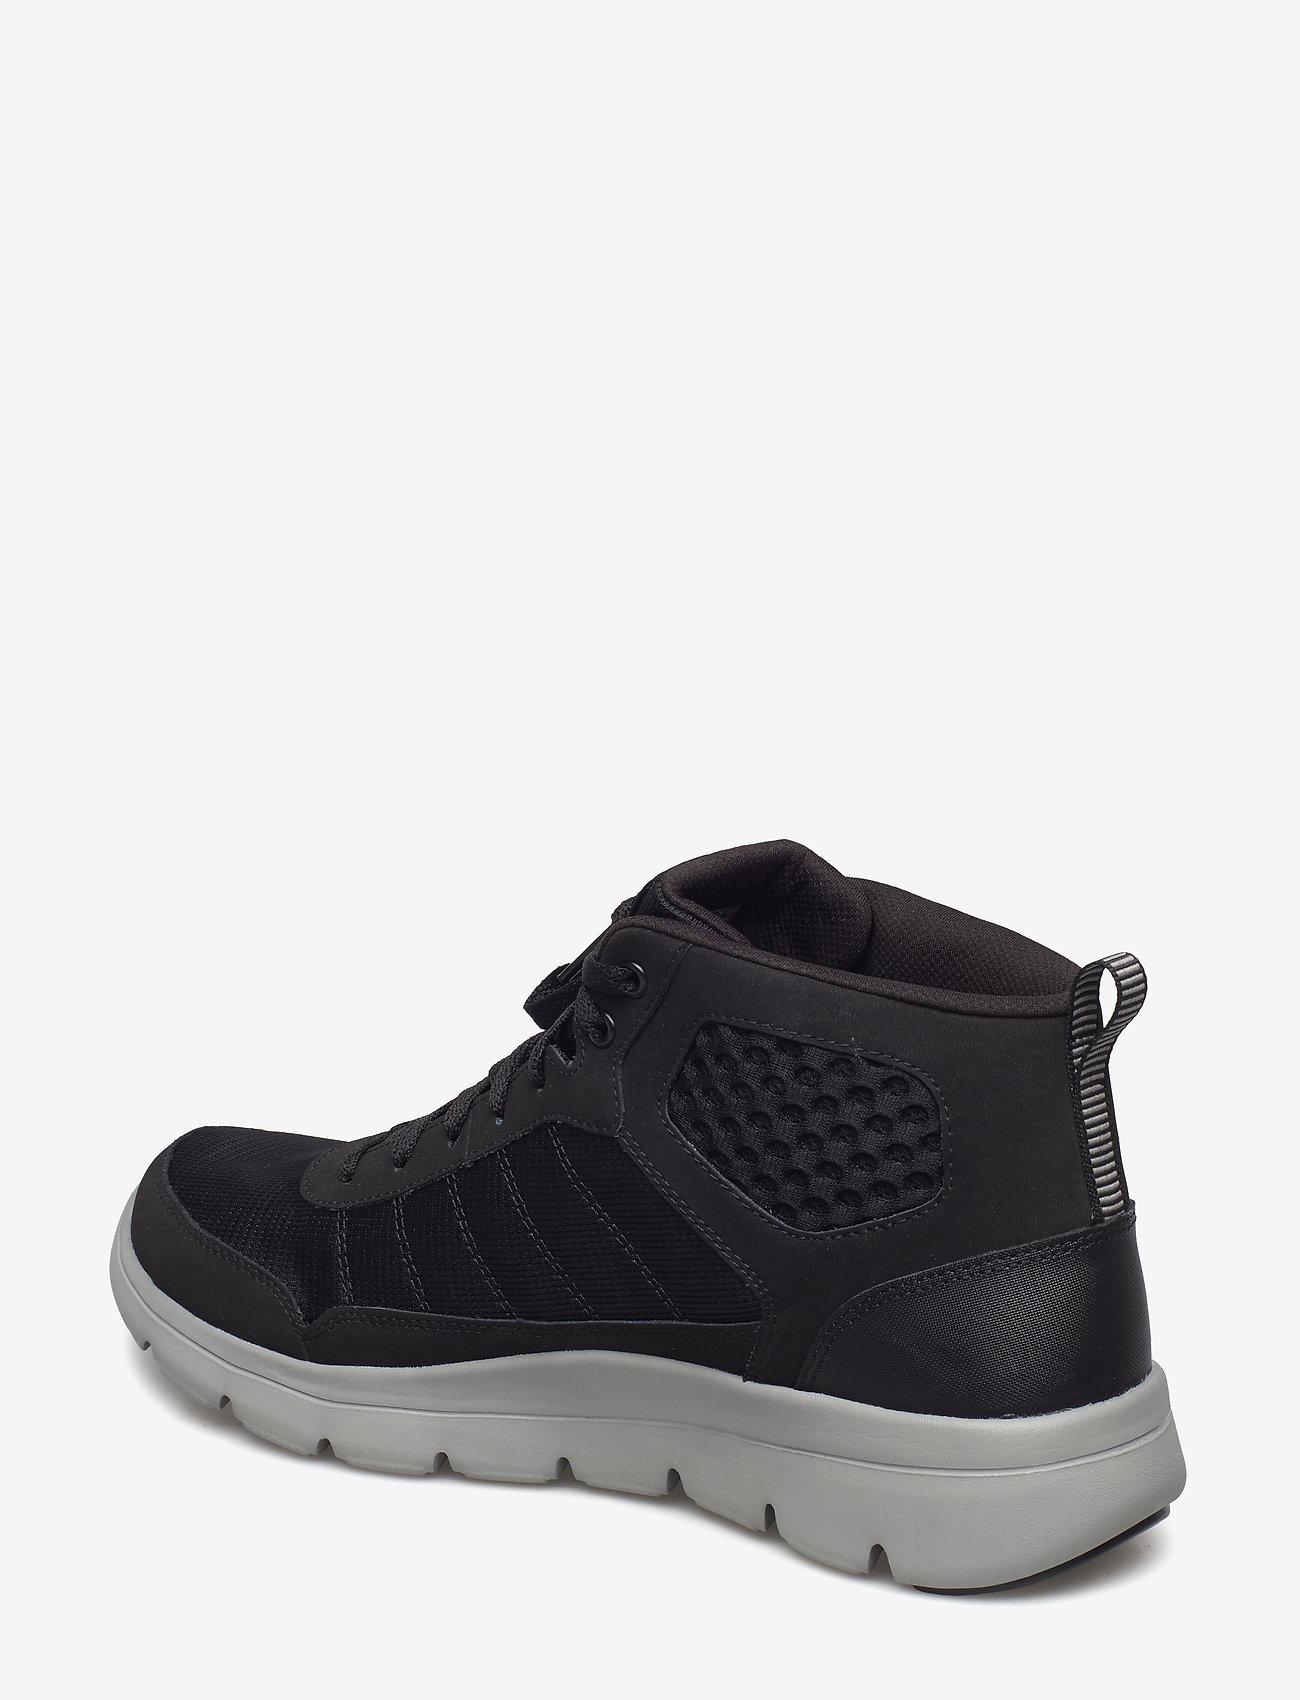 Mens Marauder Mushogee Waterproof (Bkgy Black Grey) - Skechers